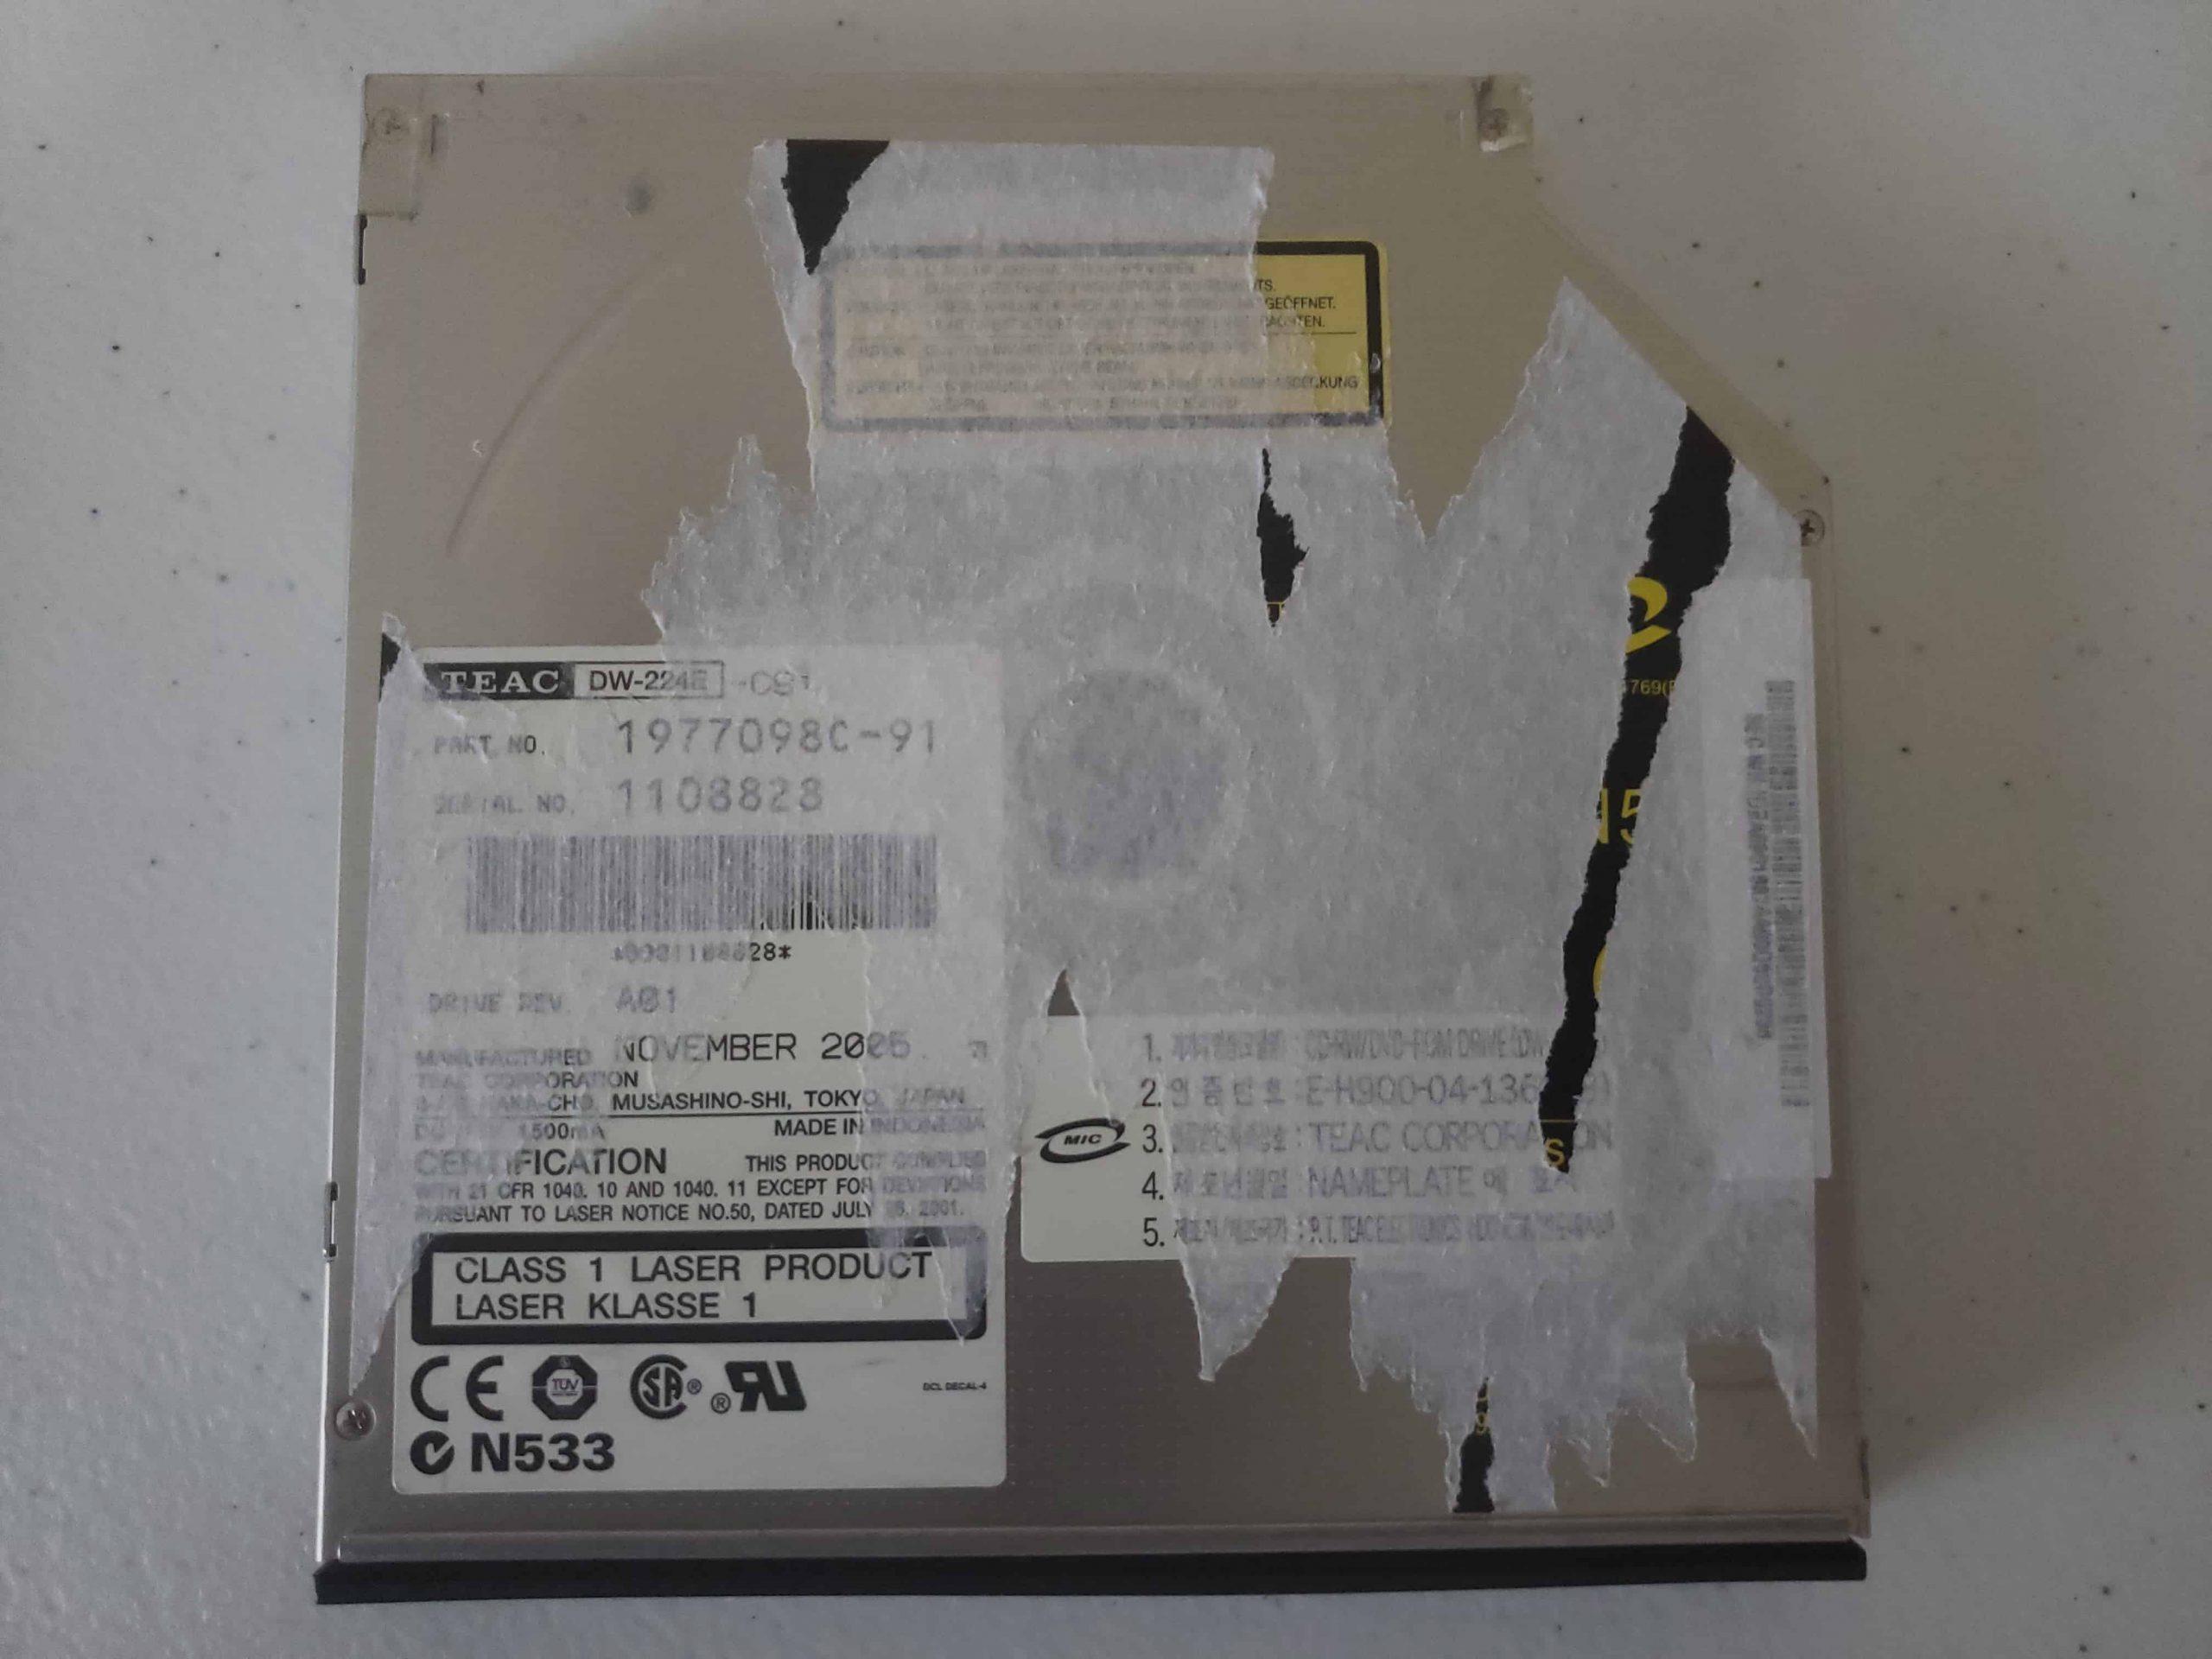 M Way External DVD Drive - Colorful Flame Pattern - Teardown - 8